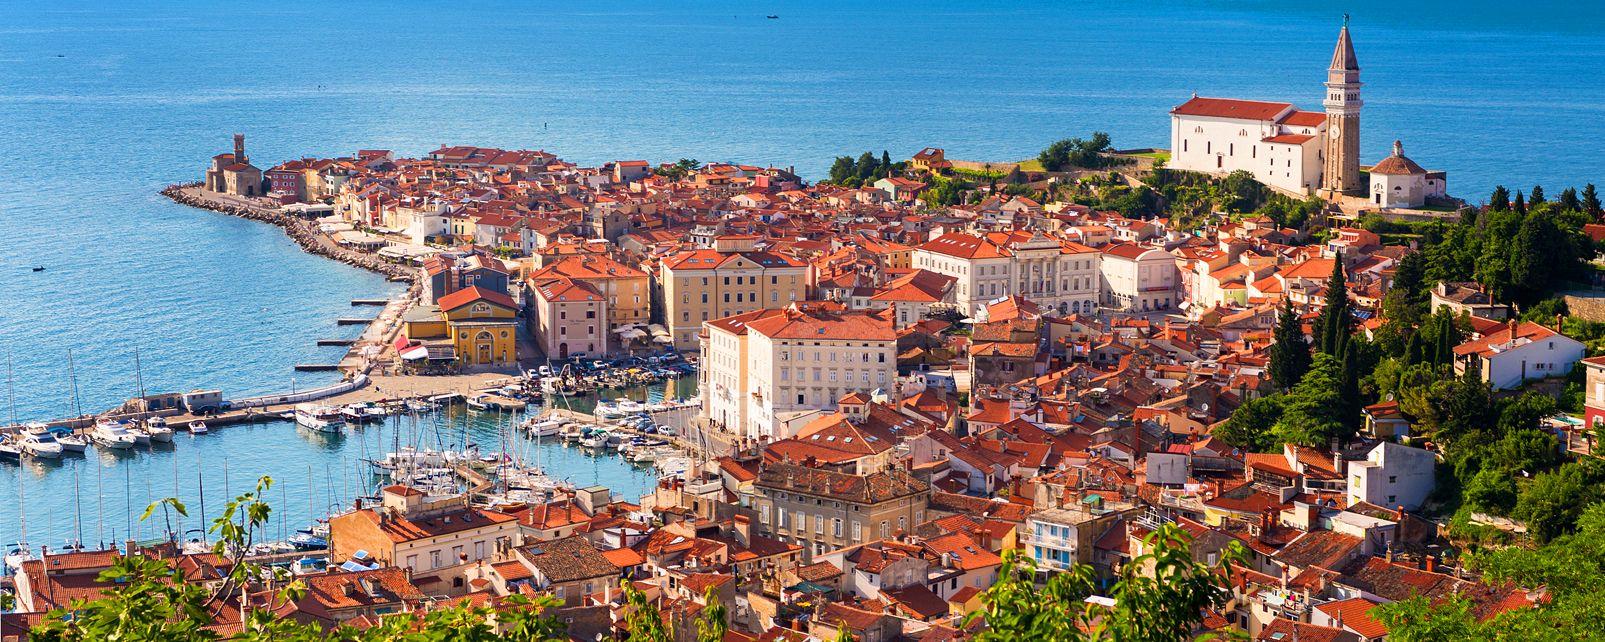 Piran , Aperçu du port de Piran, Slovénie , Slovénie